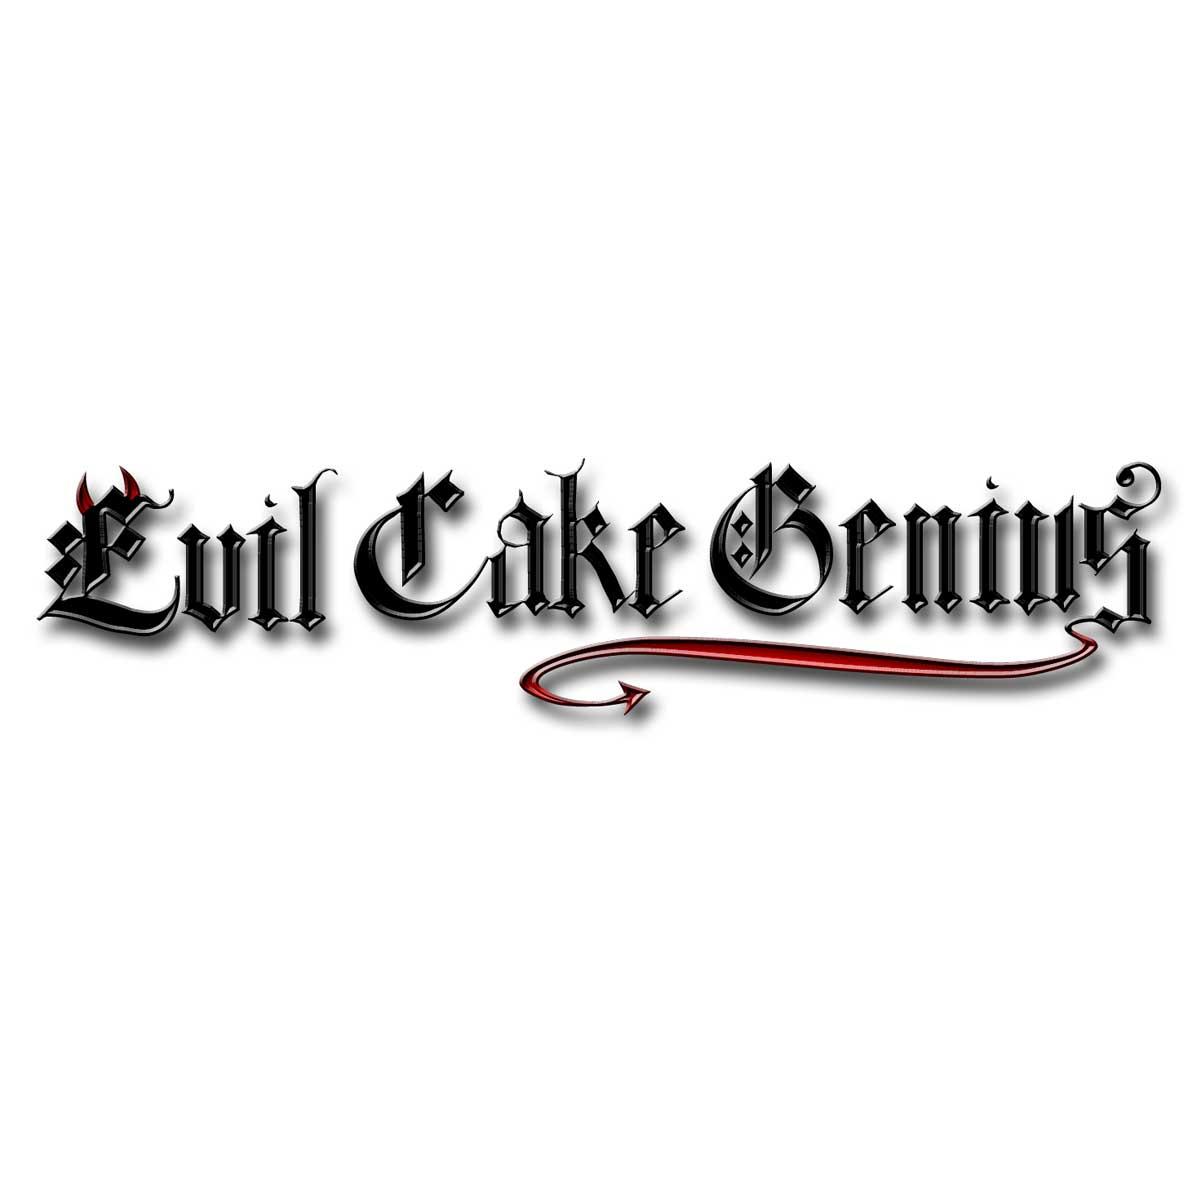 Cake Division QC Taste Tester